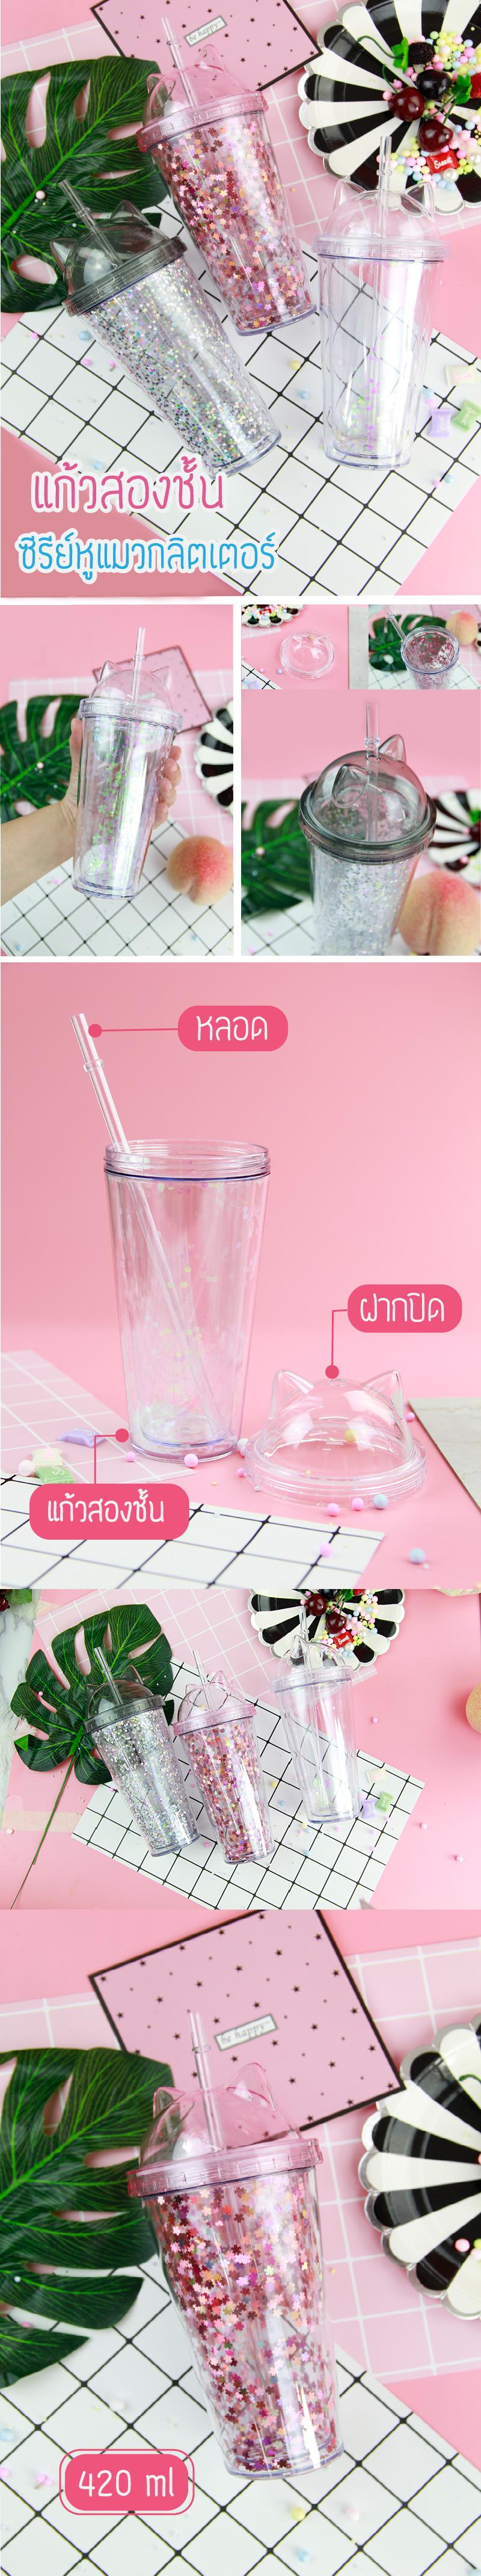 glass05-jpg01-02